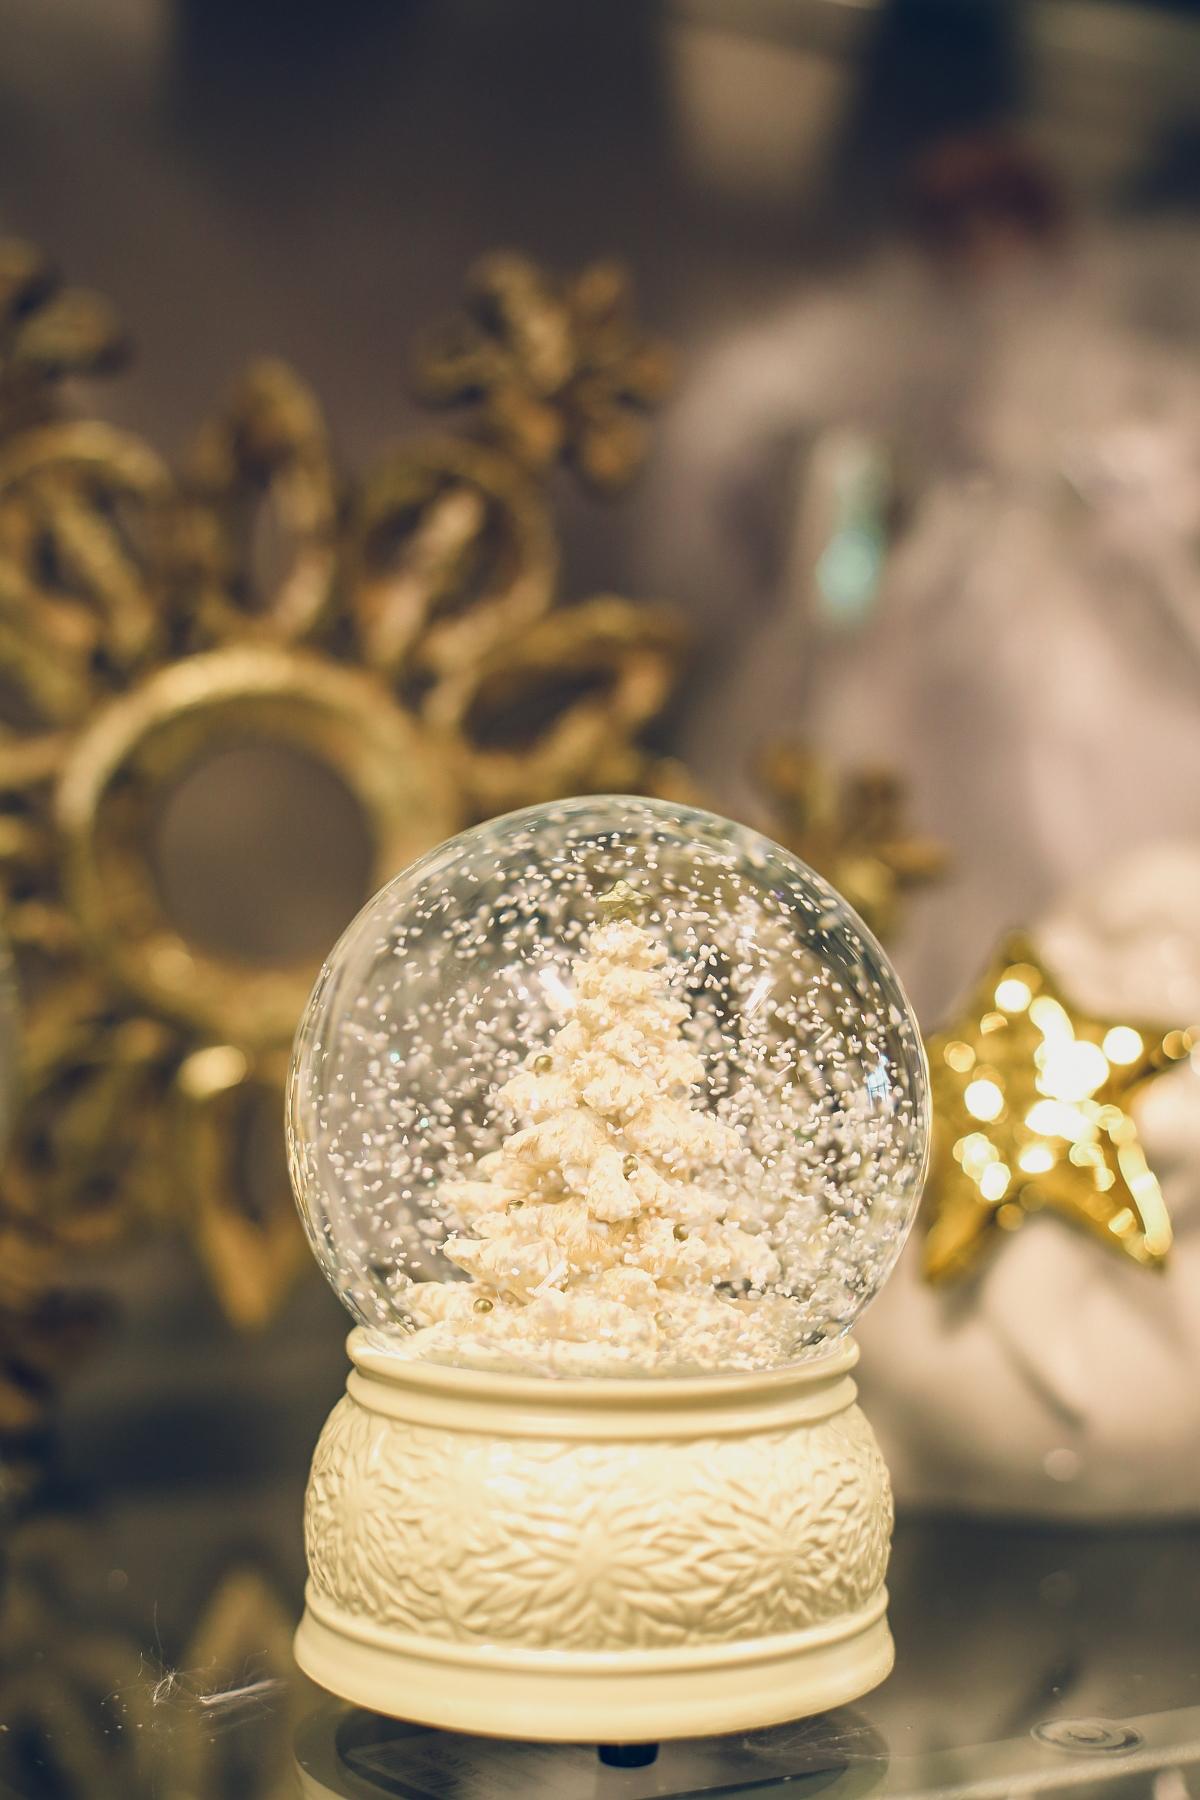 świąteczne prezenty dla każdego TK Maxx kula sztuczny śnieg